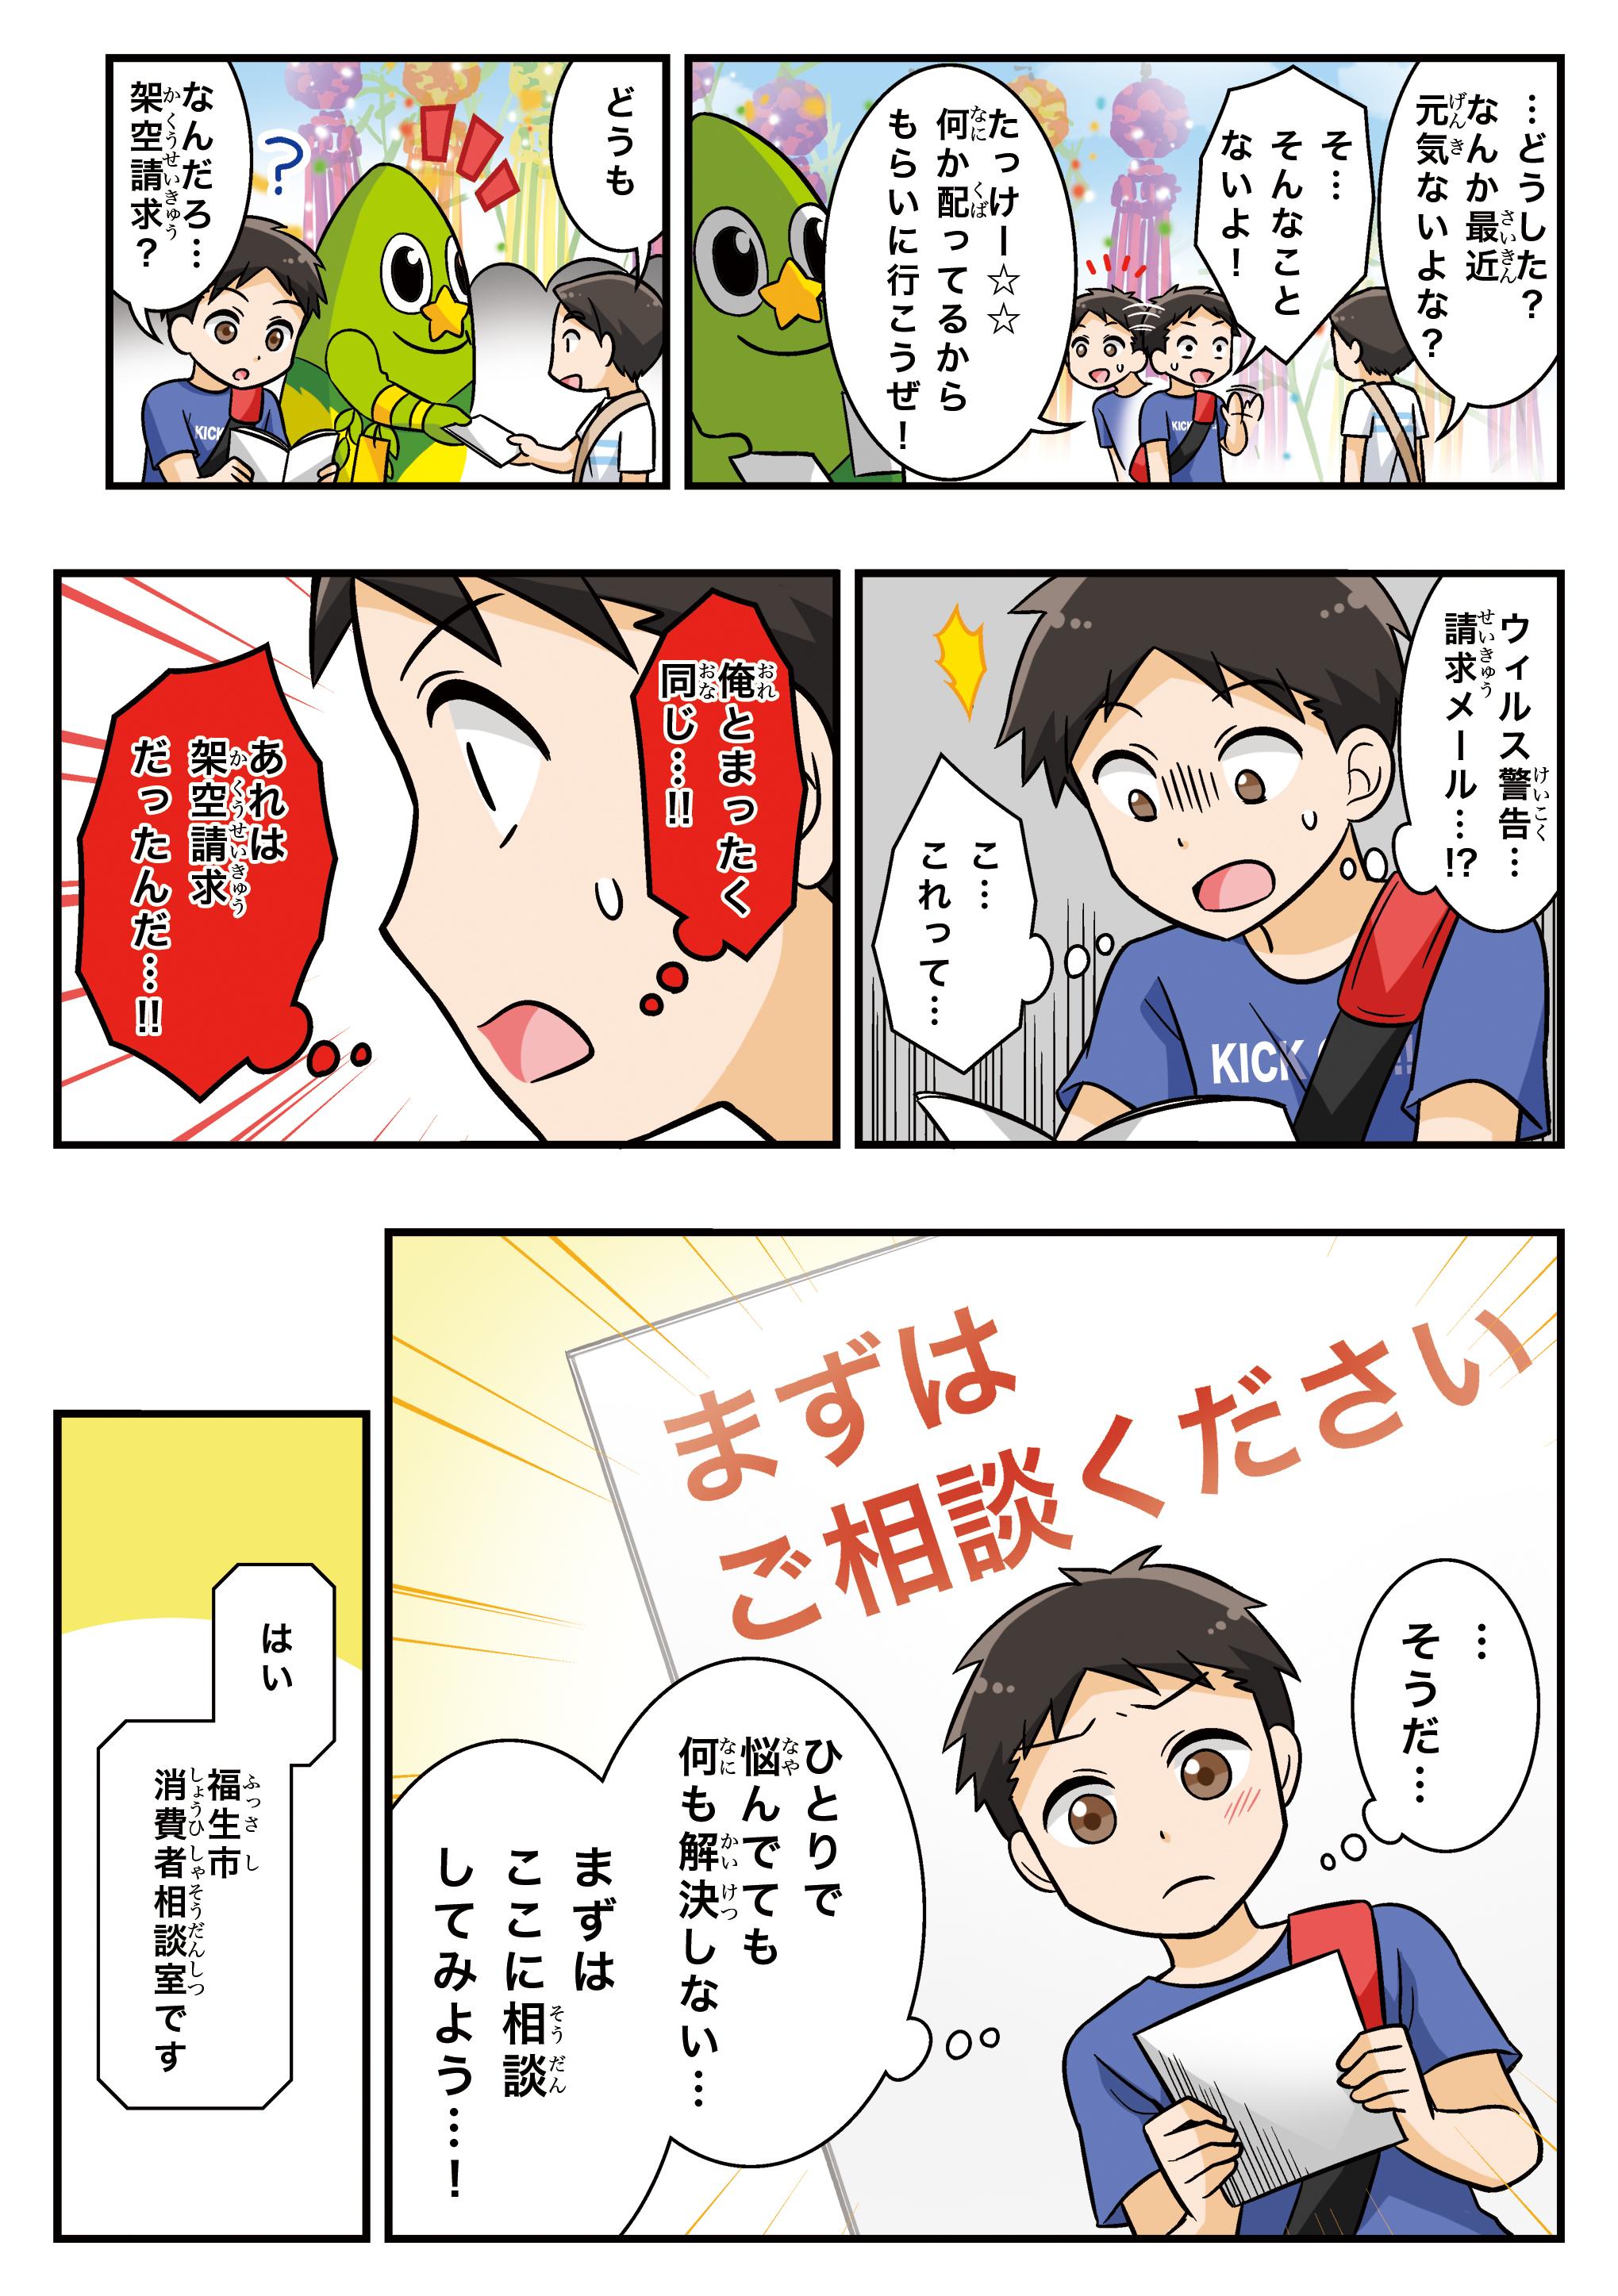 福生市小中学生向け防犯啓蒙漫画[画像6]